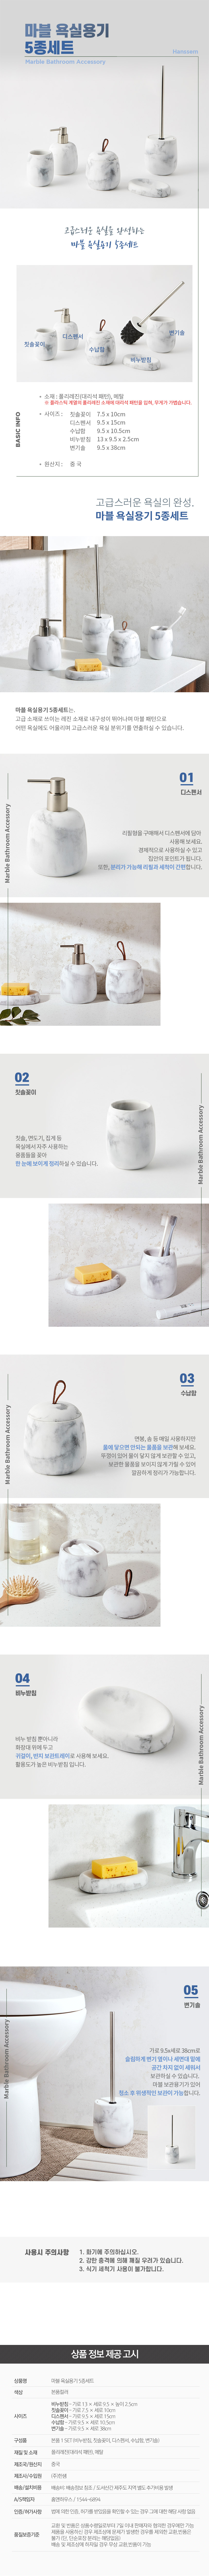 마블 욕실용기 5종세트 - 한샘, 56,900원, 정리용품/청소, 홀더/타올/휴지걸이